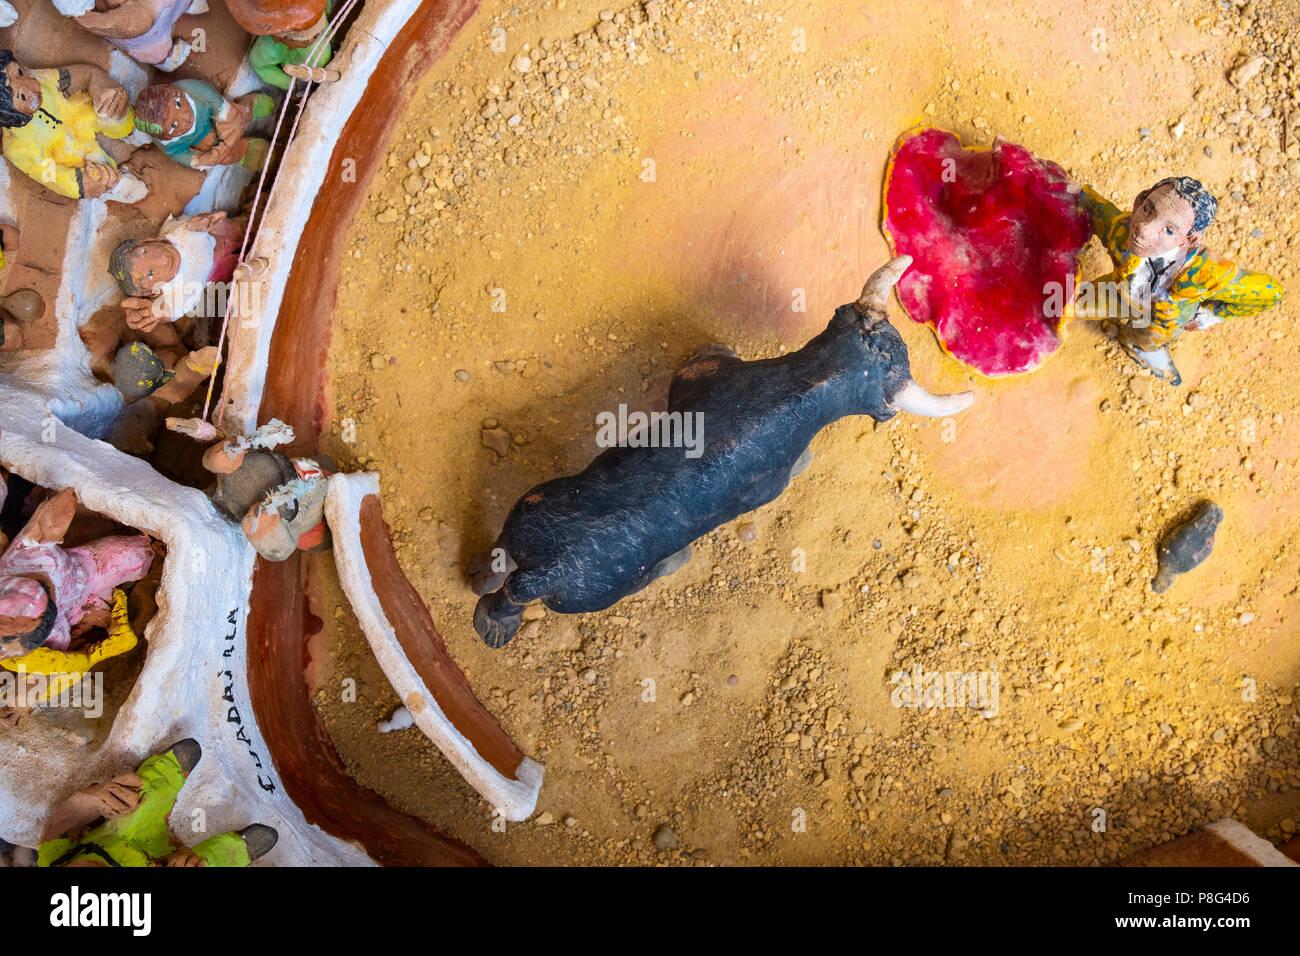 Des céramiques artistiques de l'arène, typique village blanc de Mijas. Costa del Sol, Malaga province. Andalousie, Espagne du sud Europe Banque D'Images